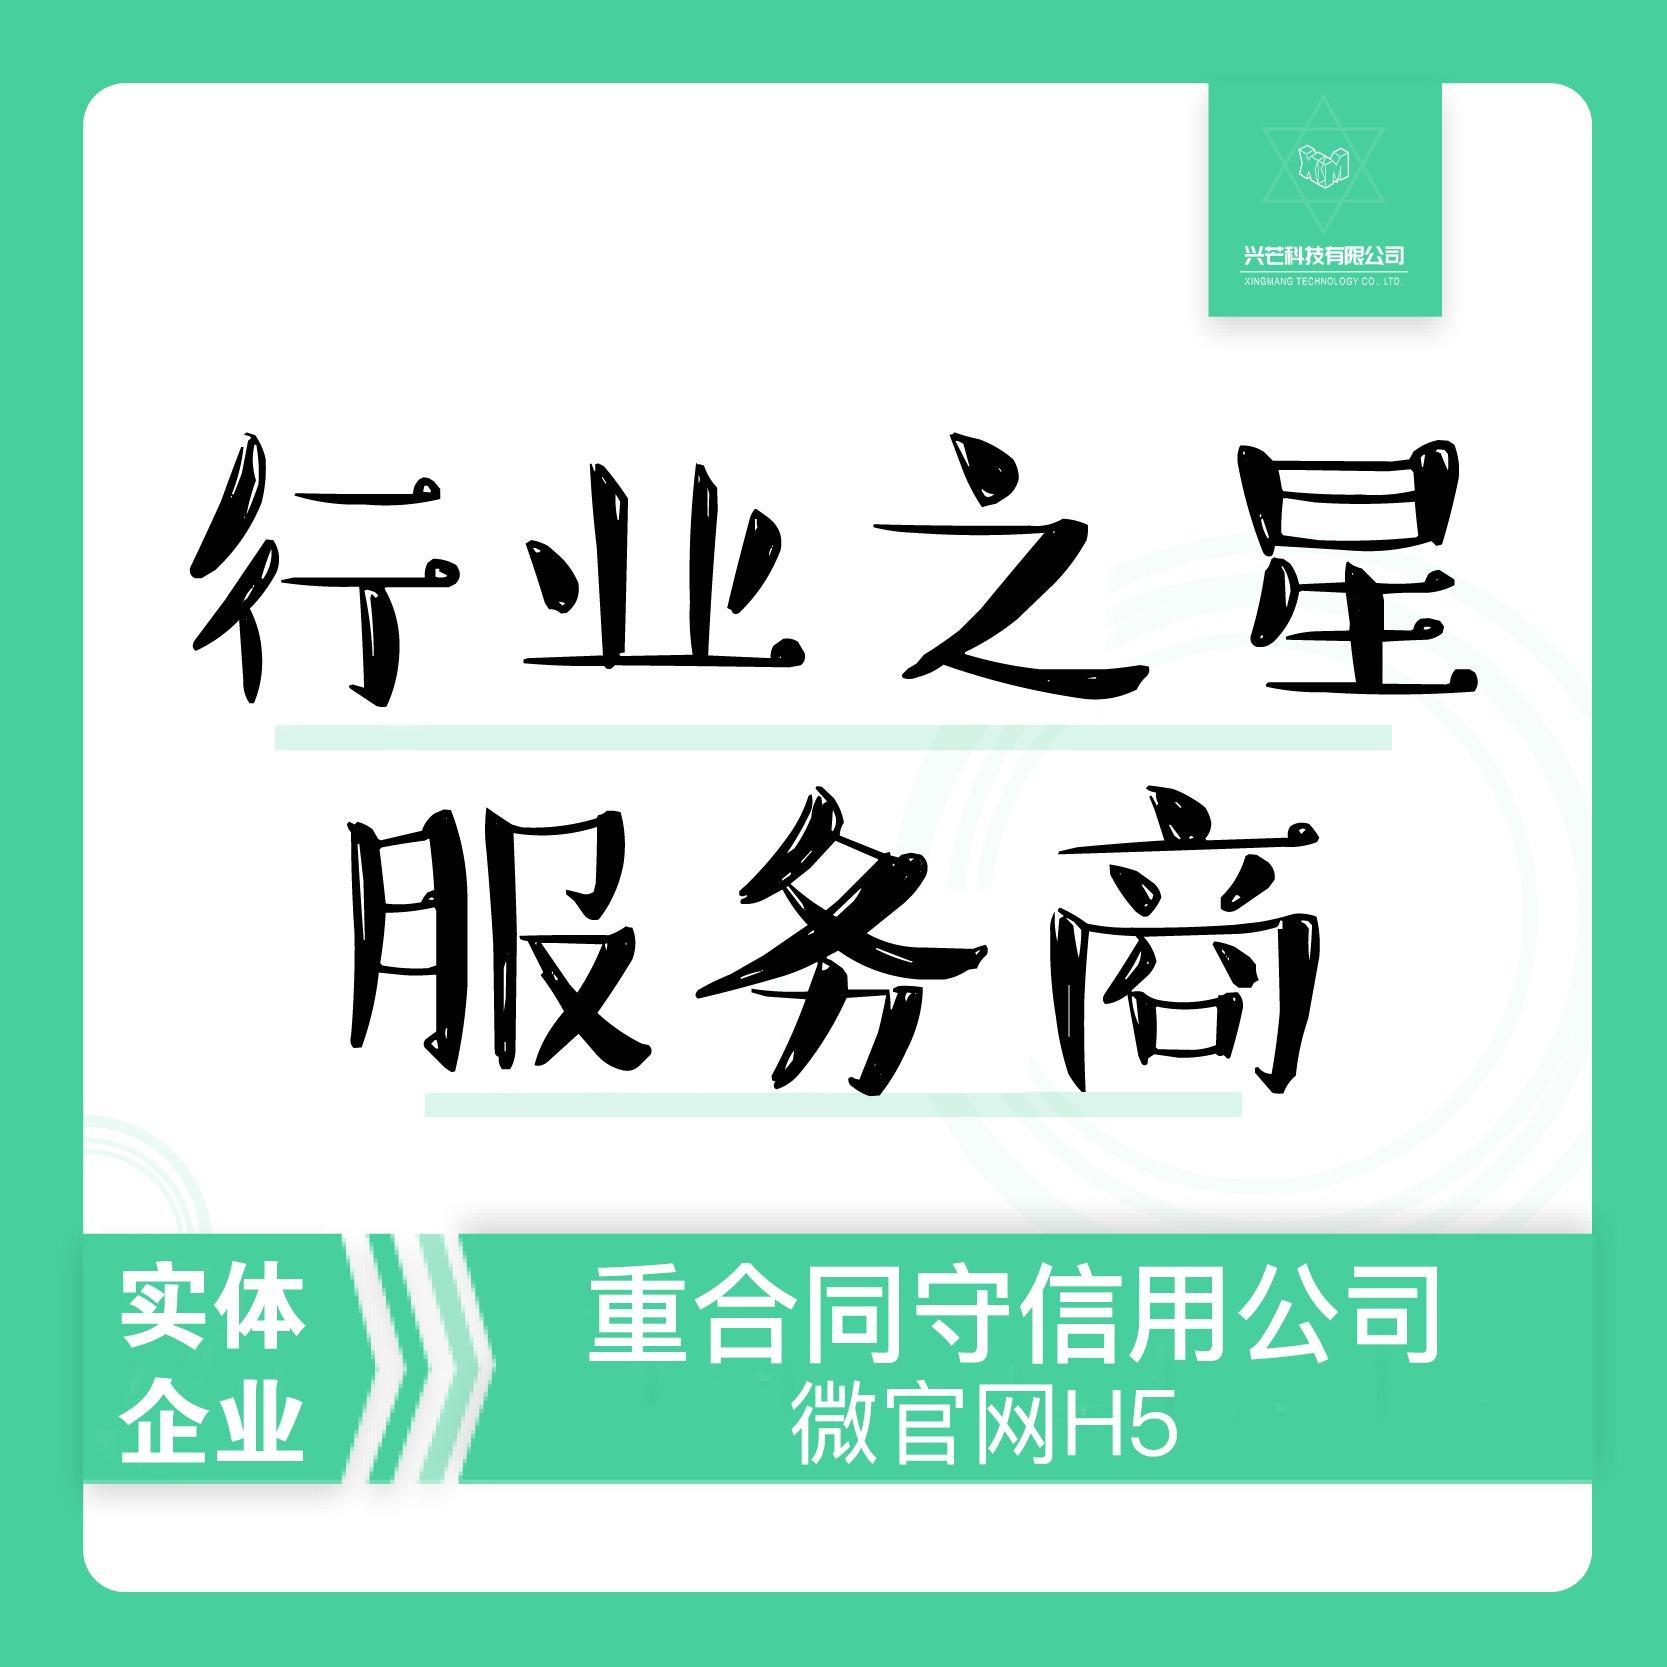 微官网//H5开发微信网站/微信商城/微信平台开发/微信开发